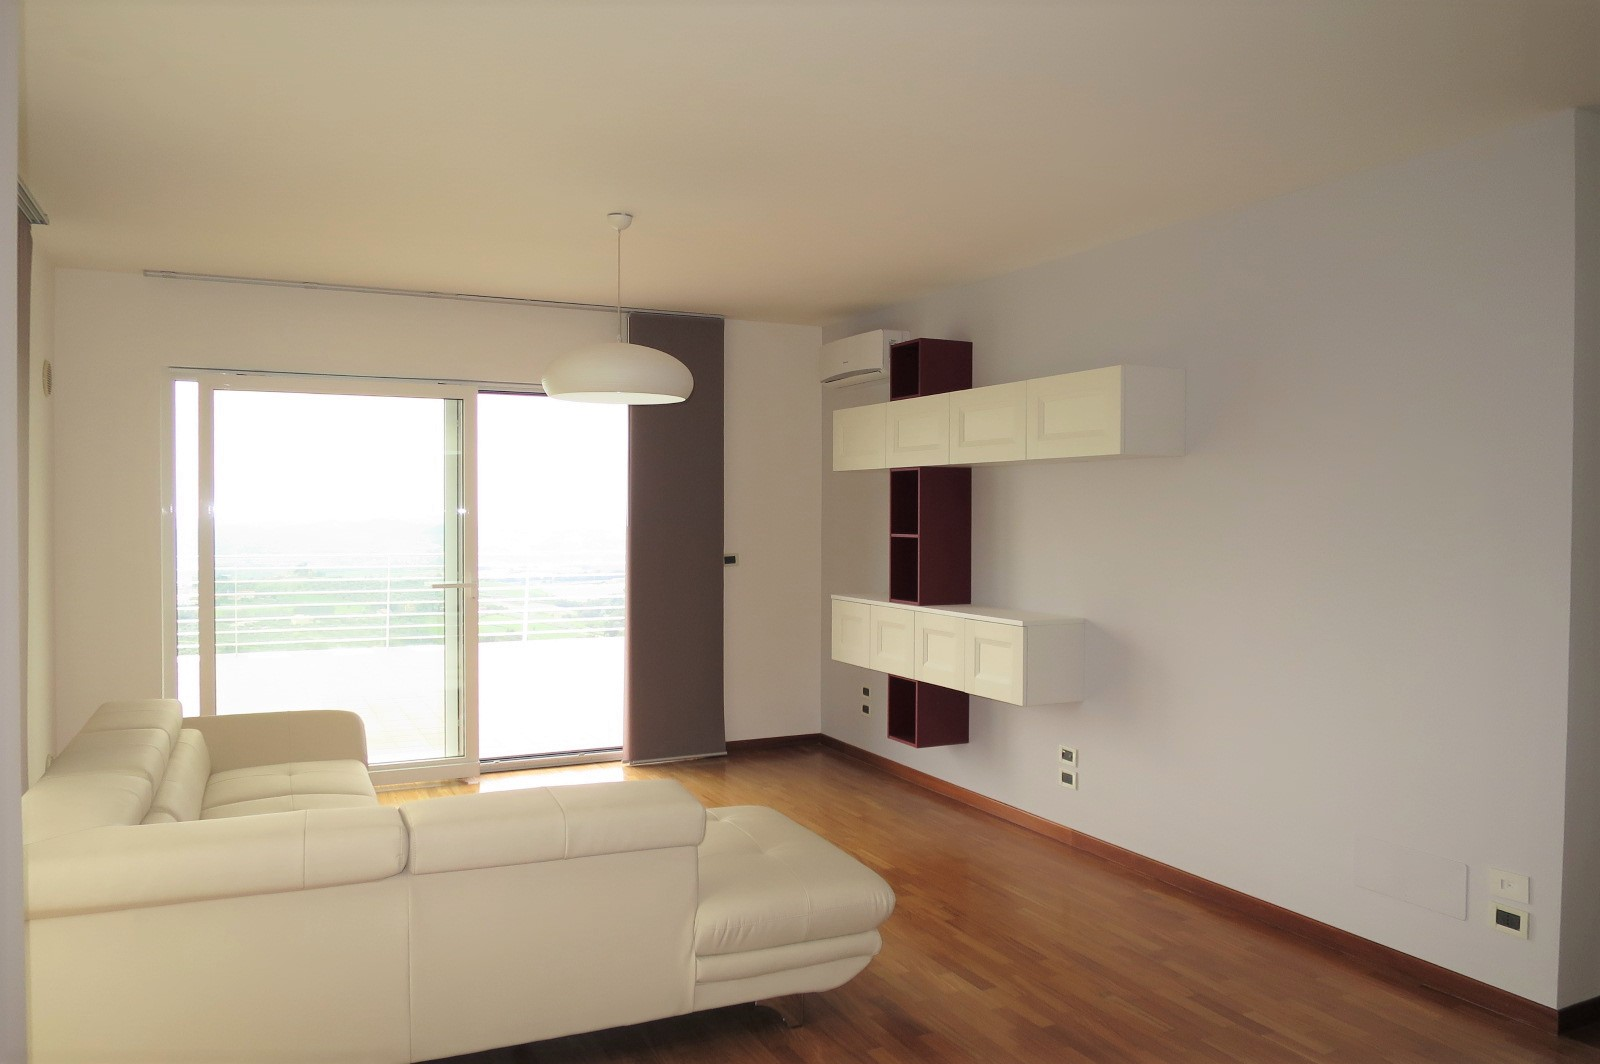 Apartament Apartament for sale Città Sant'Angelo (PE), Appartamento Belvedere - Città Sant'Angelo - EUR 262.881 350